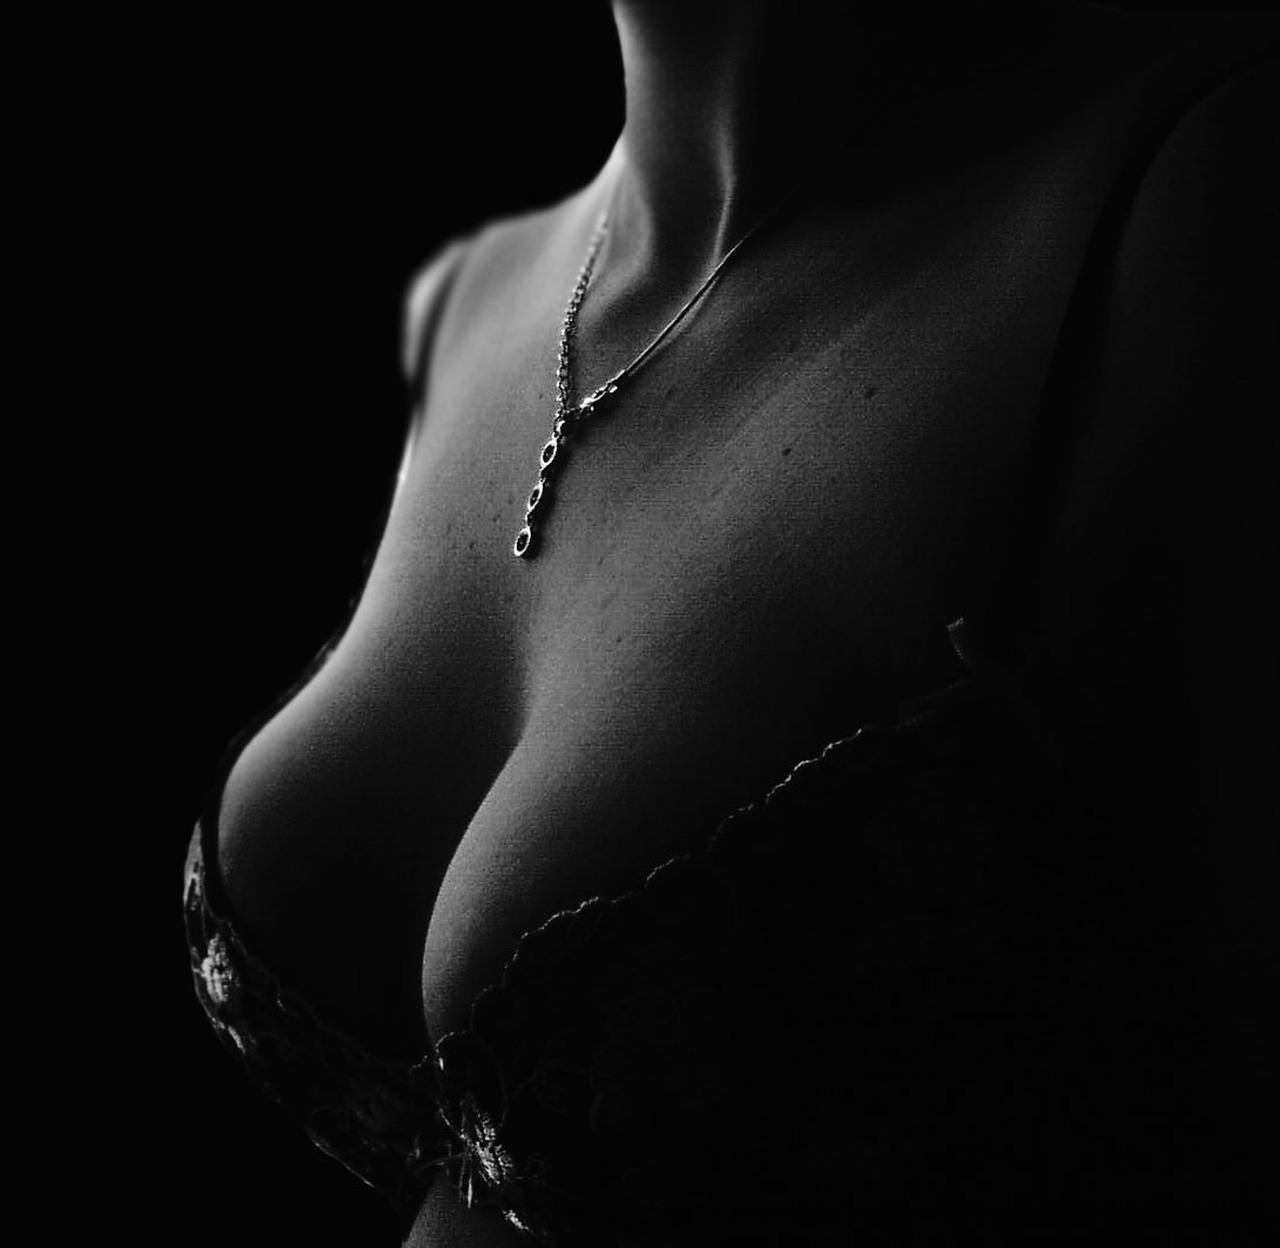 自體脂肪隆乳手術,可達到完美身材比例